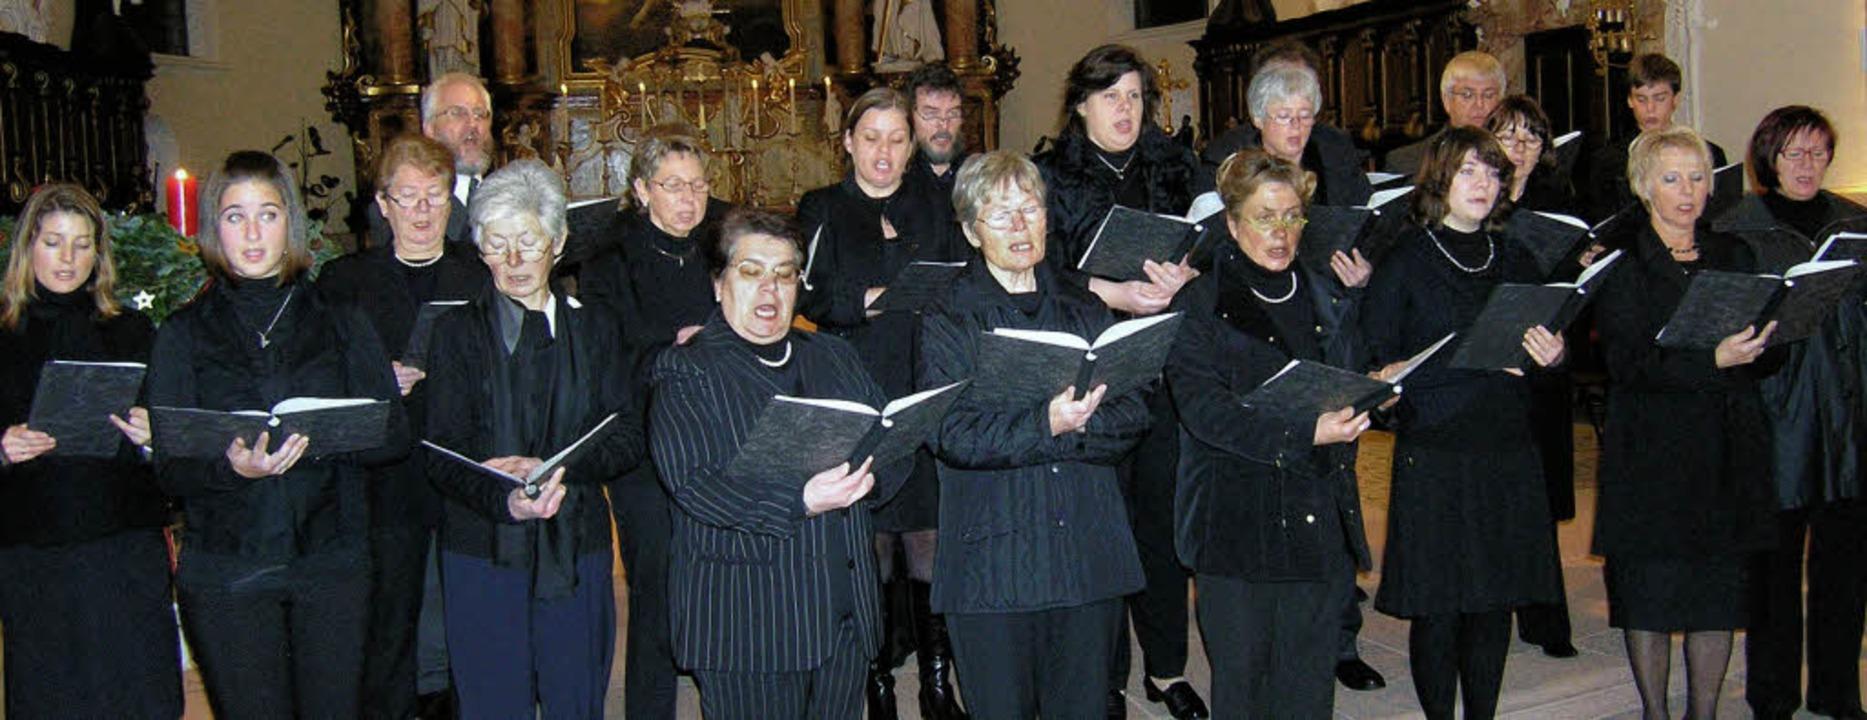 Chor und Orgel sorgten für ein breites Klangspektrum.  | Foto: Michael haberer